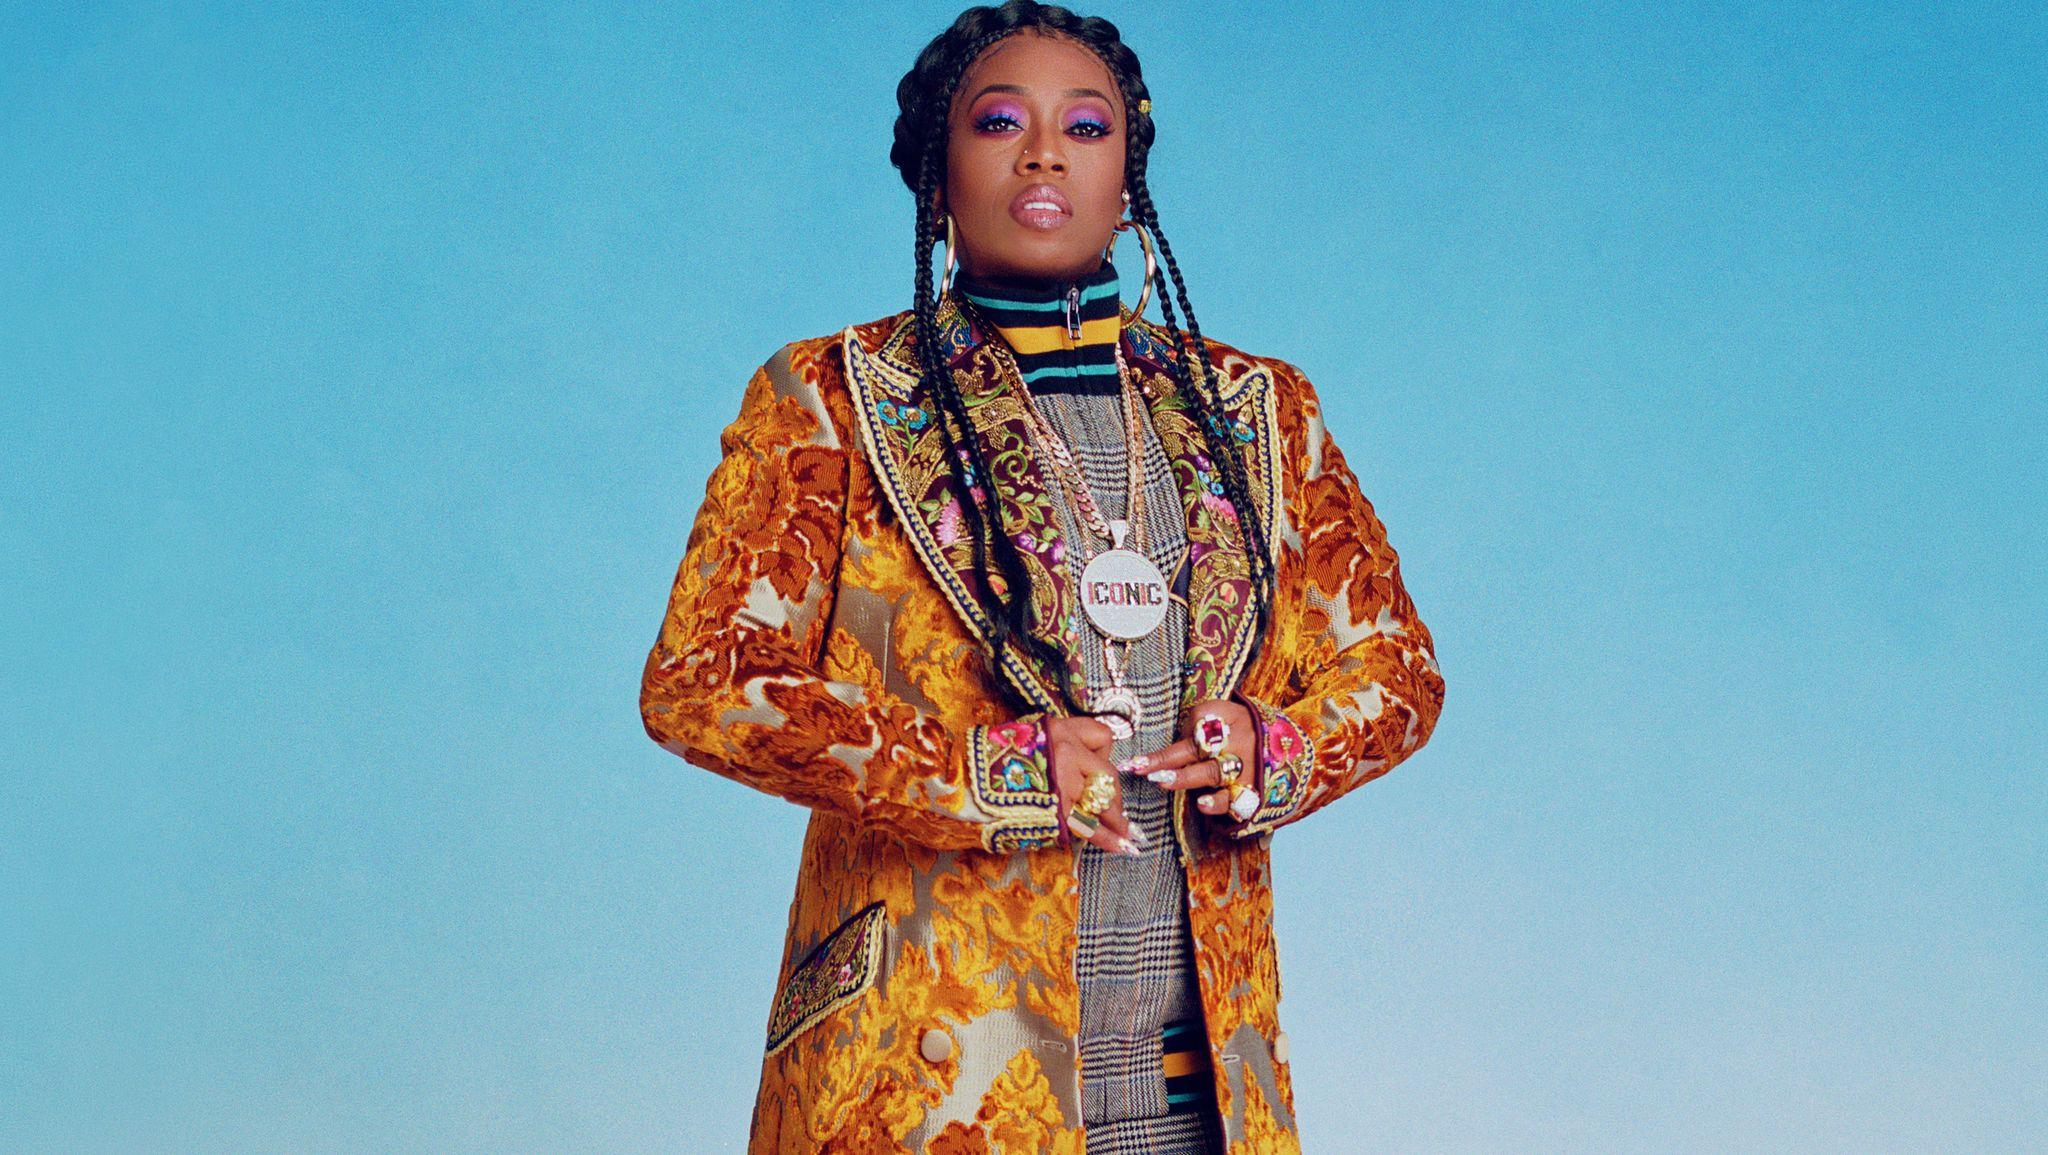 Missy Elliott: The Legend Returns